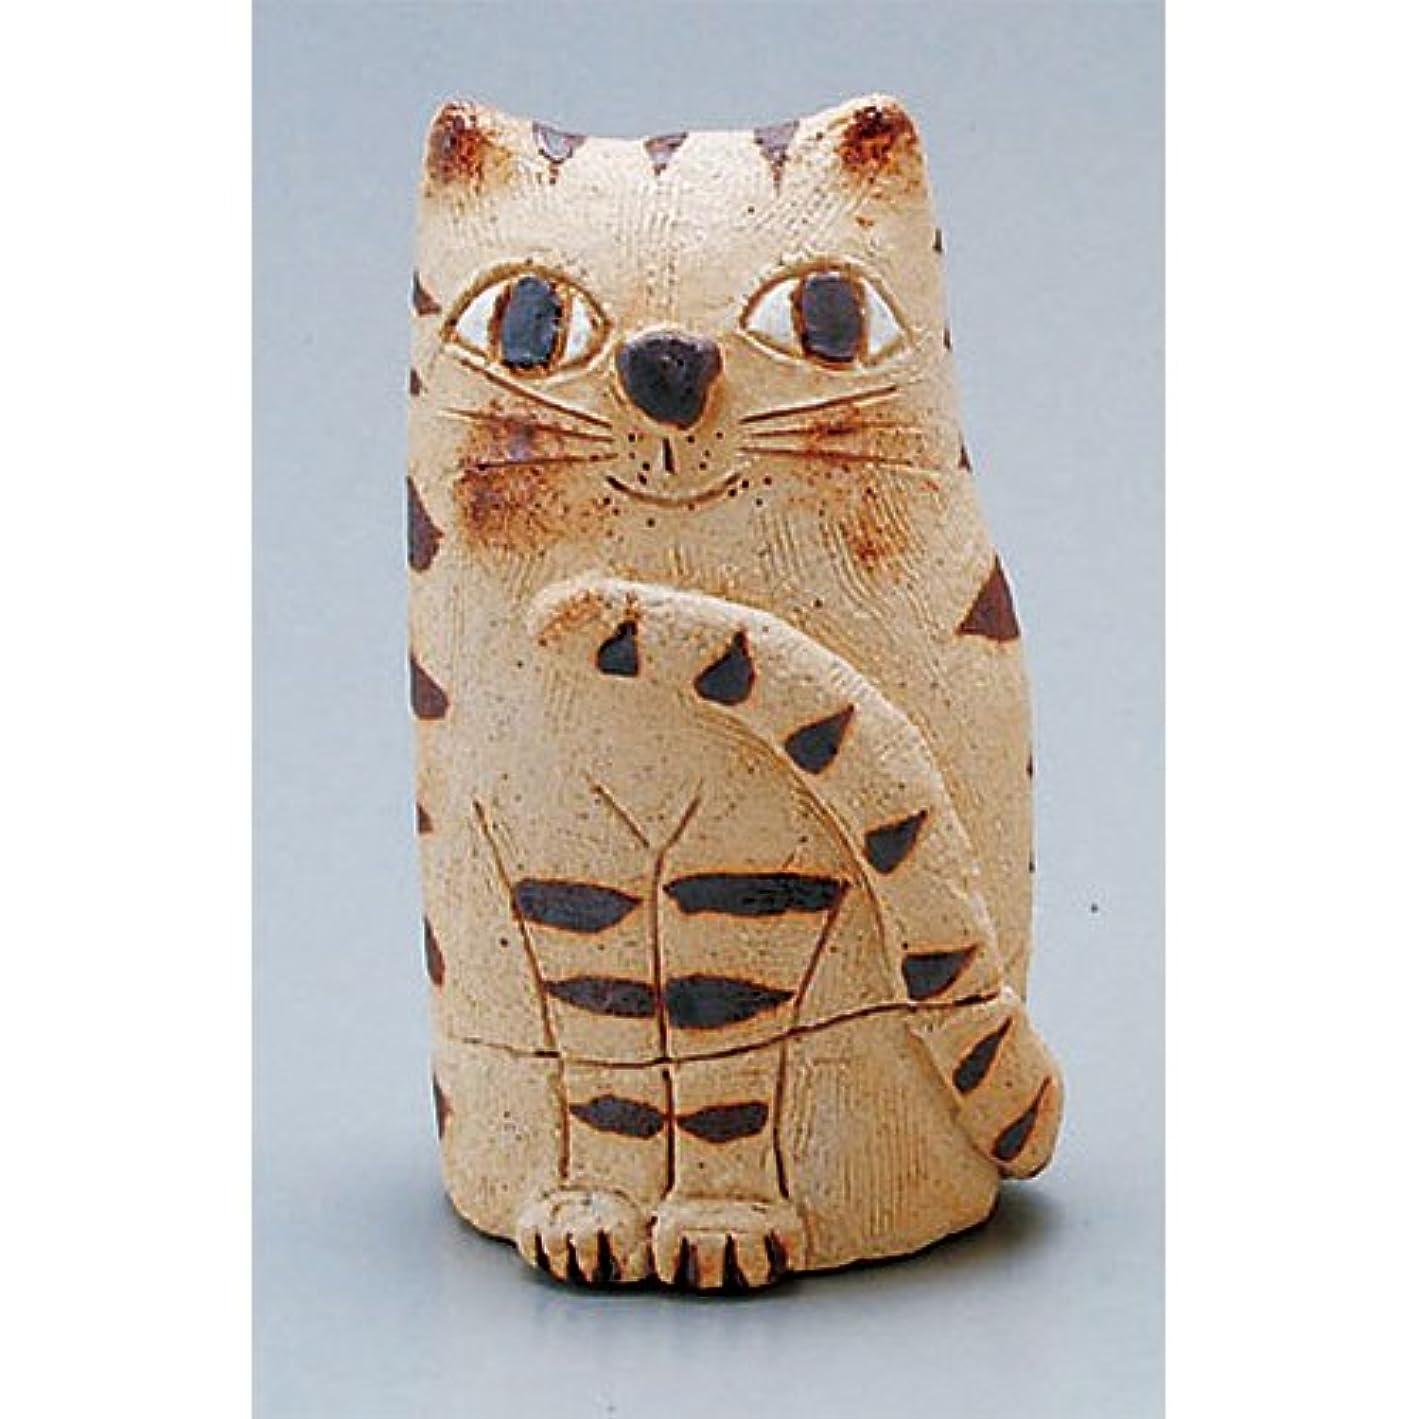 最も気候形容詞香炉 蔵猫 香炉(小) [H11cm] HANDMADE プレゼント ギフト 和食器 かわいい インテリア